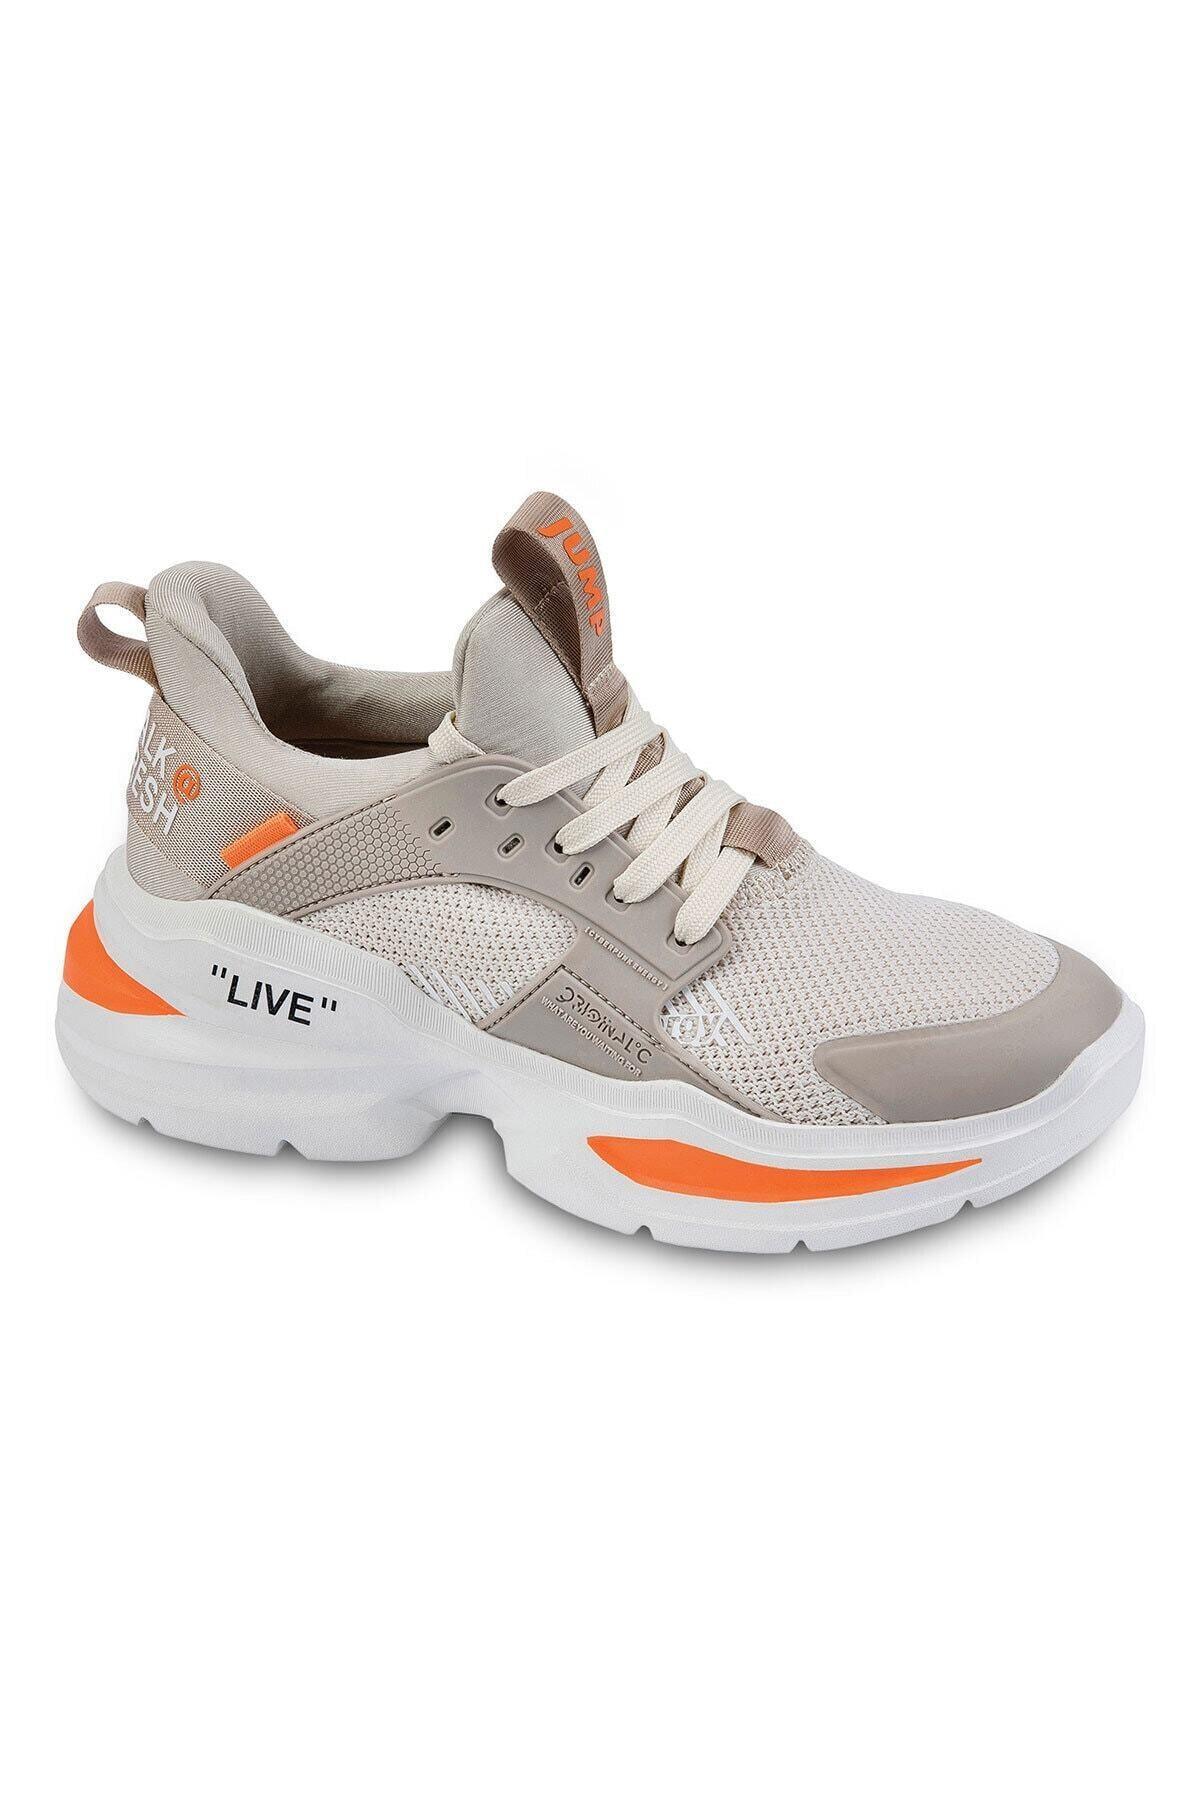 24685 Kadın Spor Ayakkabı